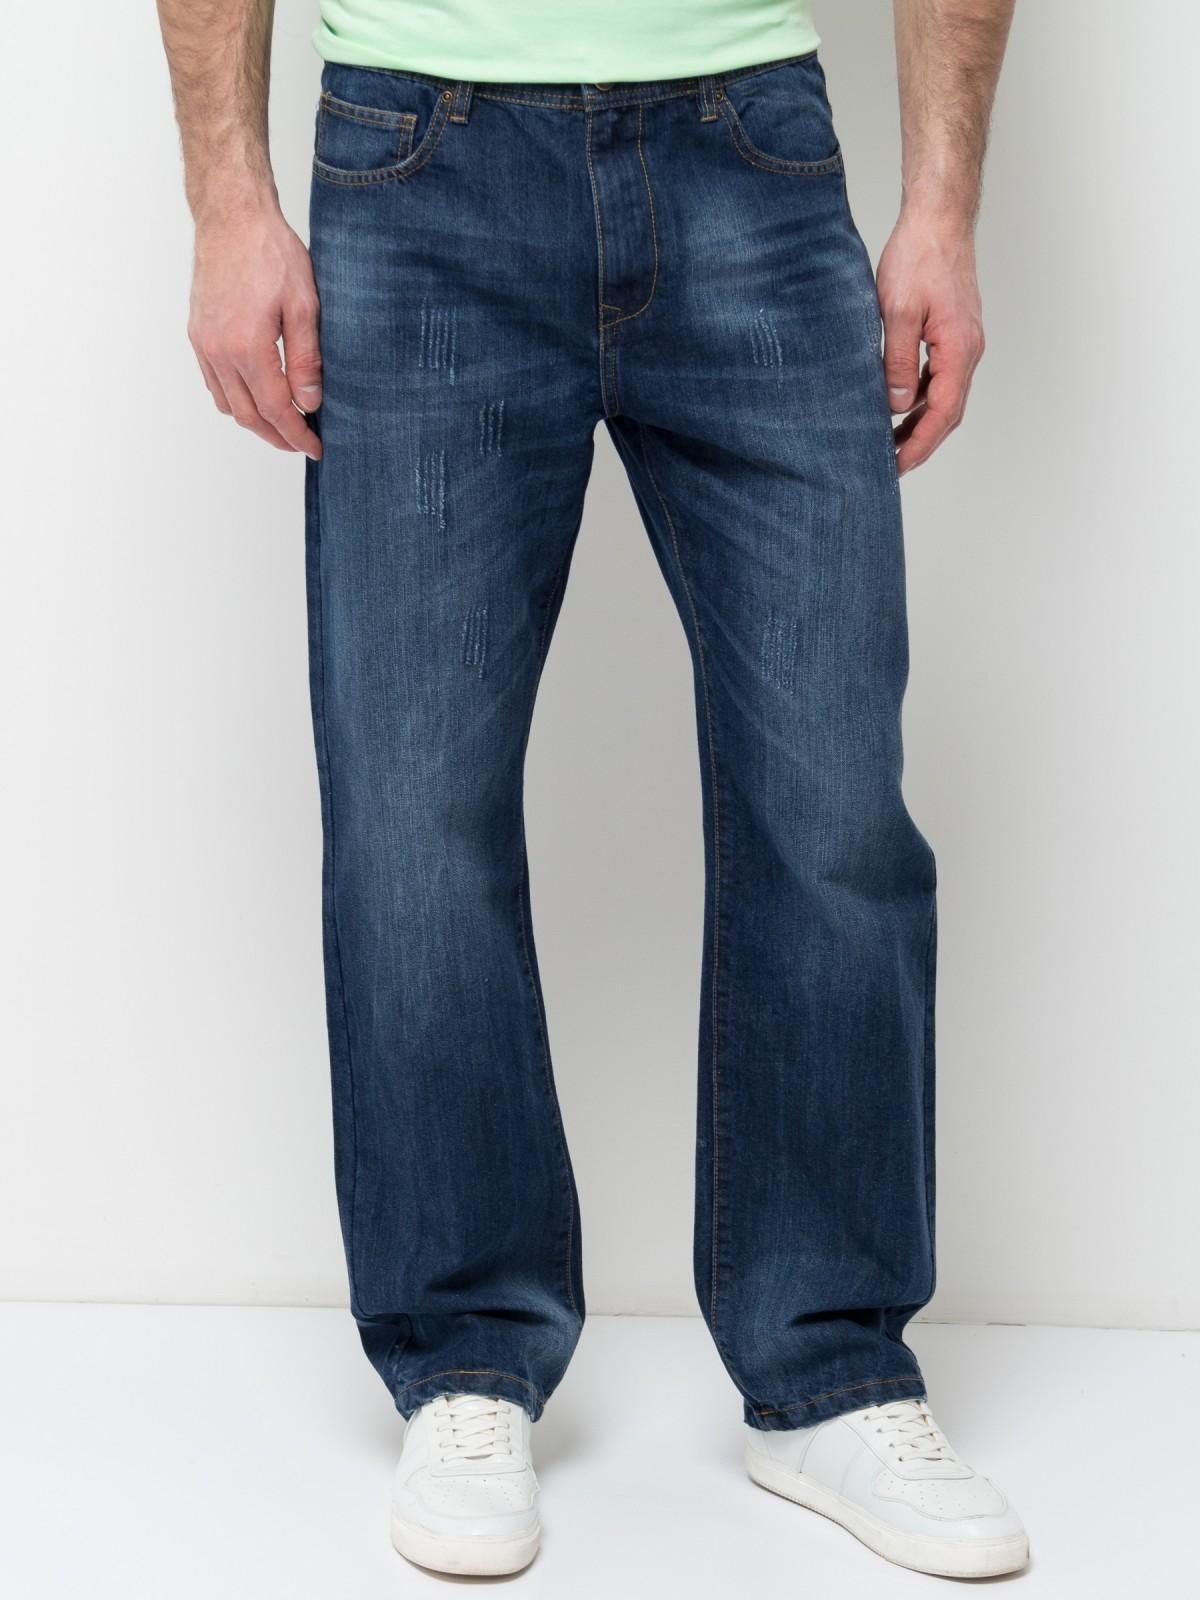 ДжинсыPJ-235/1082-7253Стильные мужские джинсы Sela, изготовленные из качественного хлопкового материала с потертостями, станут отличным дополнением гардероба. Джинсы прямого кроя и стандартной посадки на талии застегиваются на застежку-молнию и пуговицу. На поясе имеются шлевки для ремня. Модель представляет собой классическую пятикарманку: два втачных и накладной карманы спереди и два накладных кармана сзади.